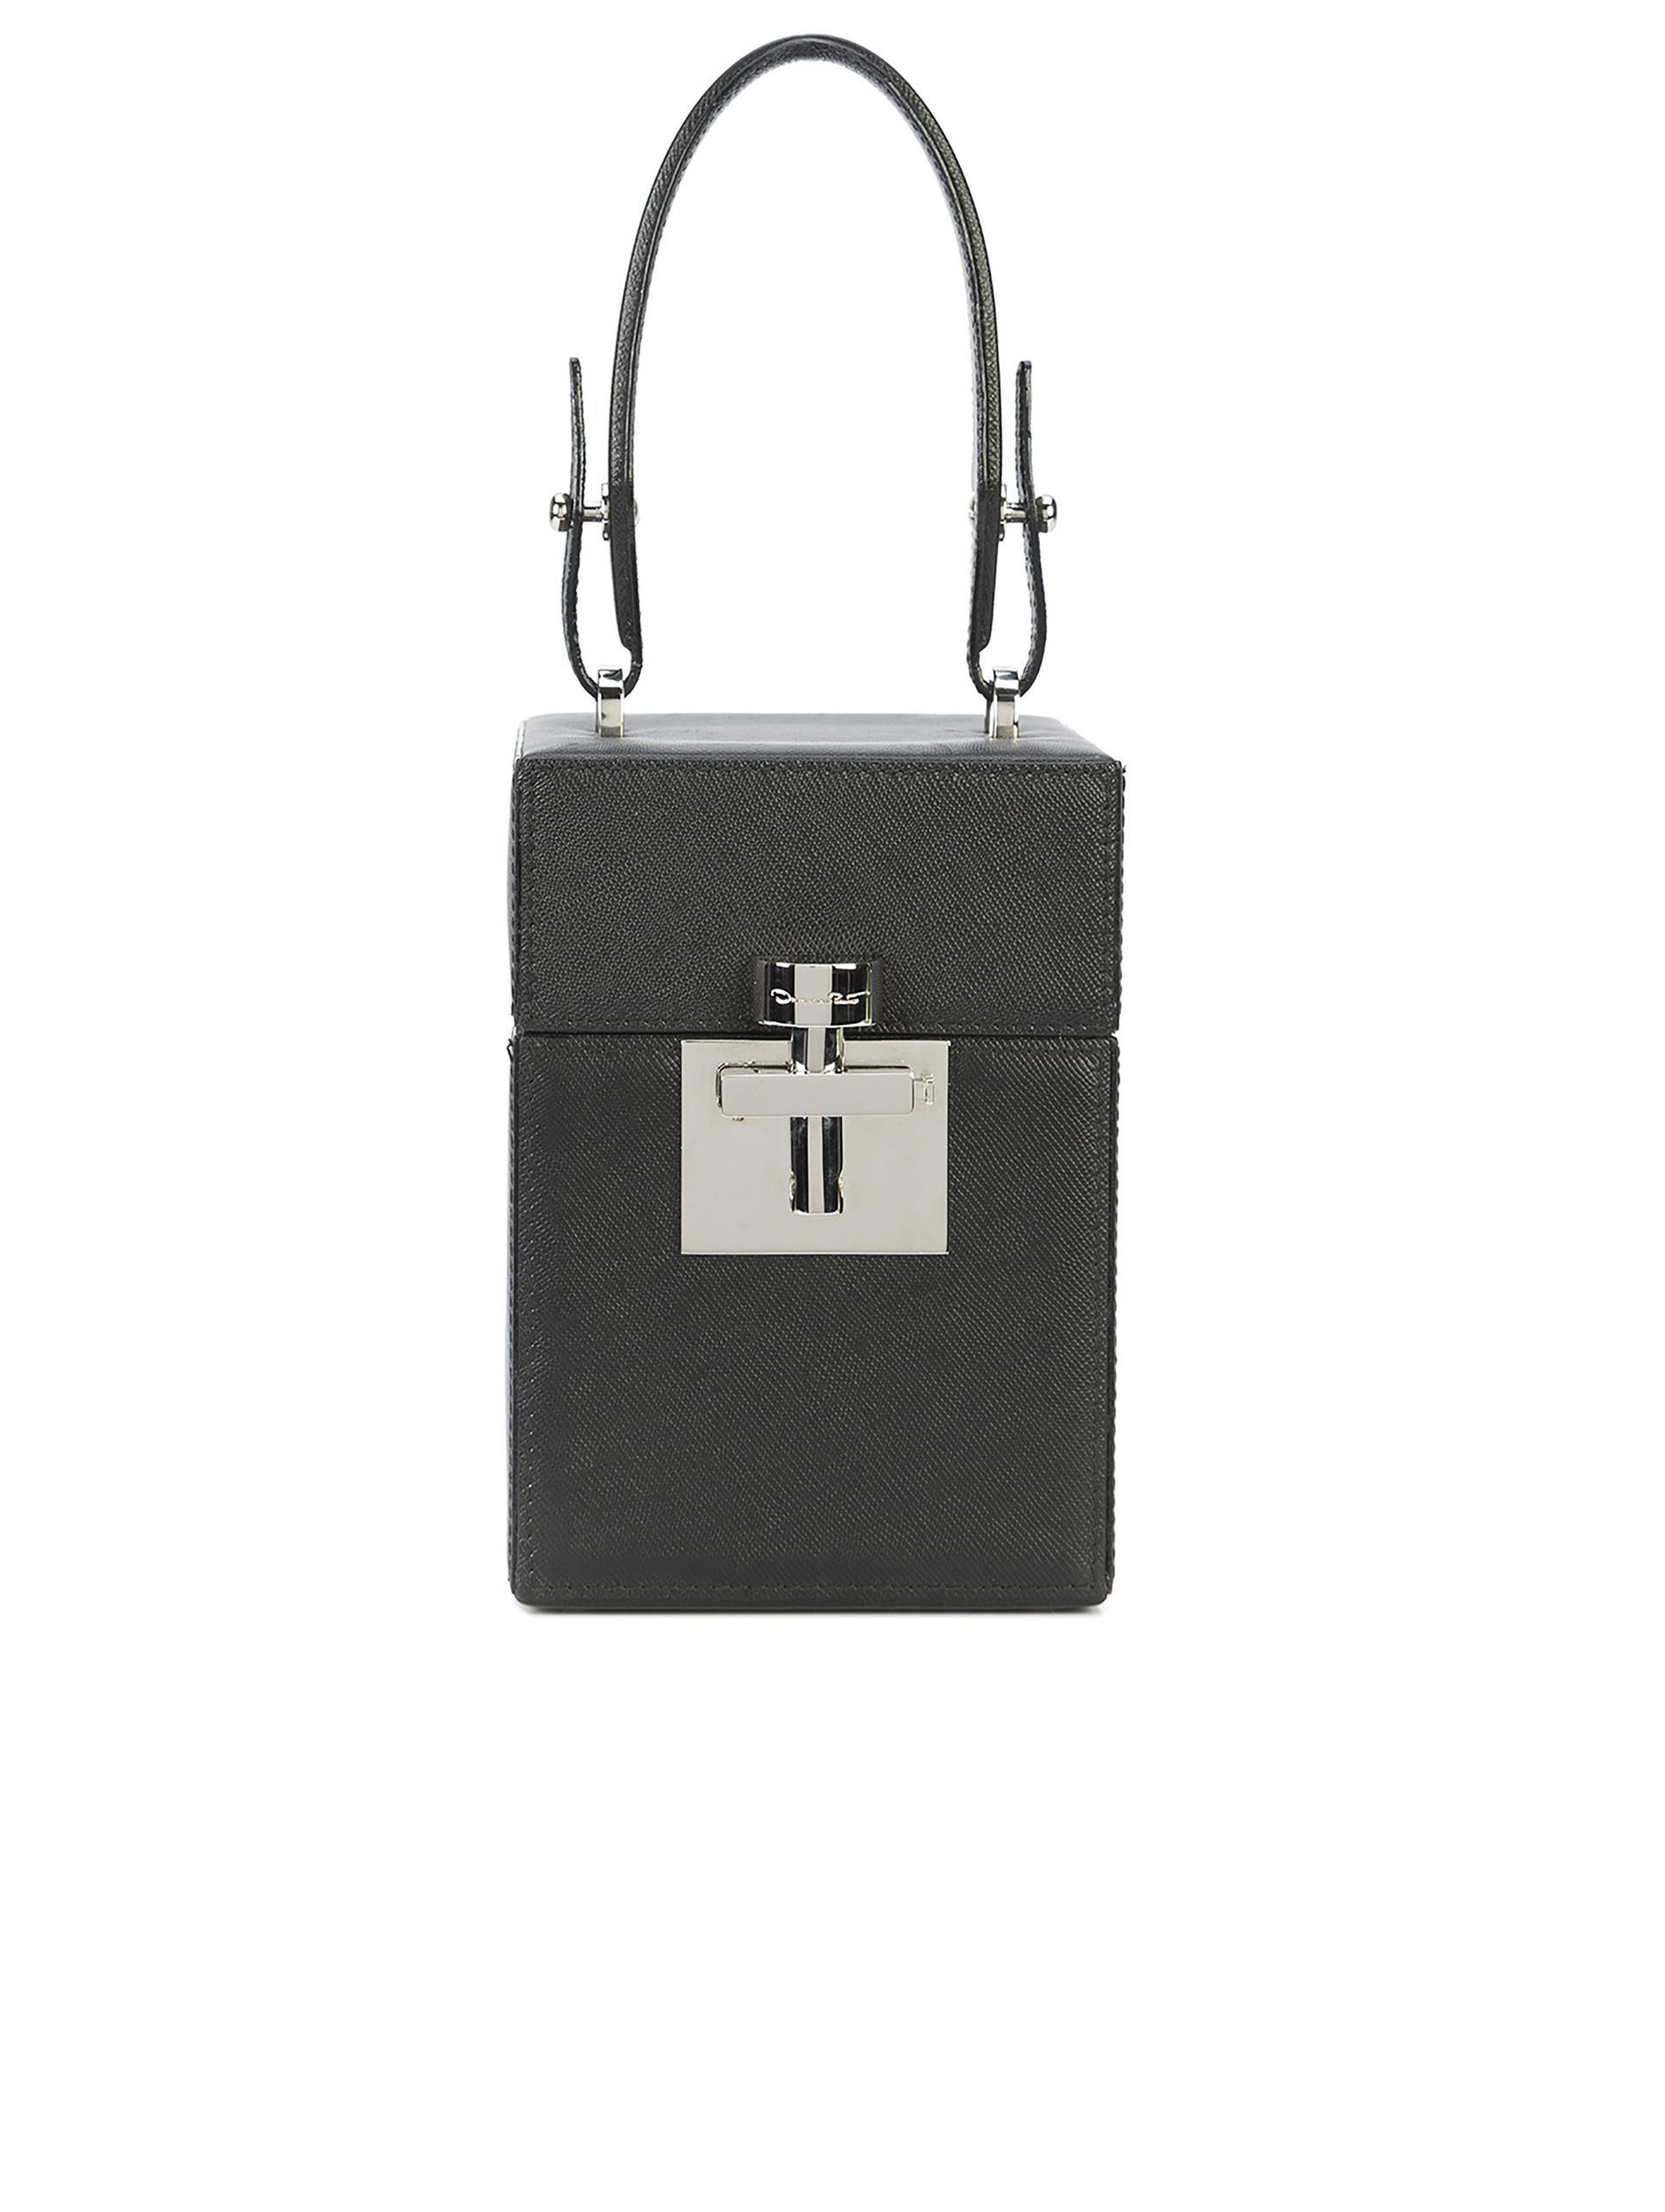 4a6992f7502 Oscar De La Renta Black   Silver Saffiano Mini Alibi Bag in Black - Lyst